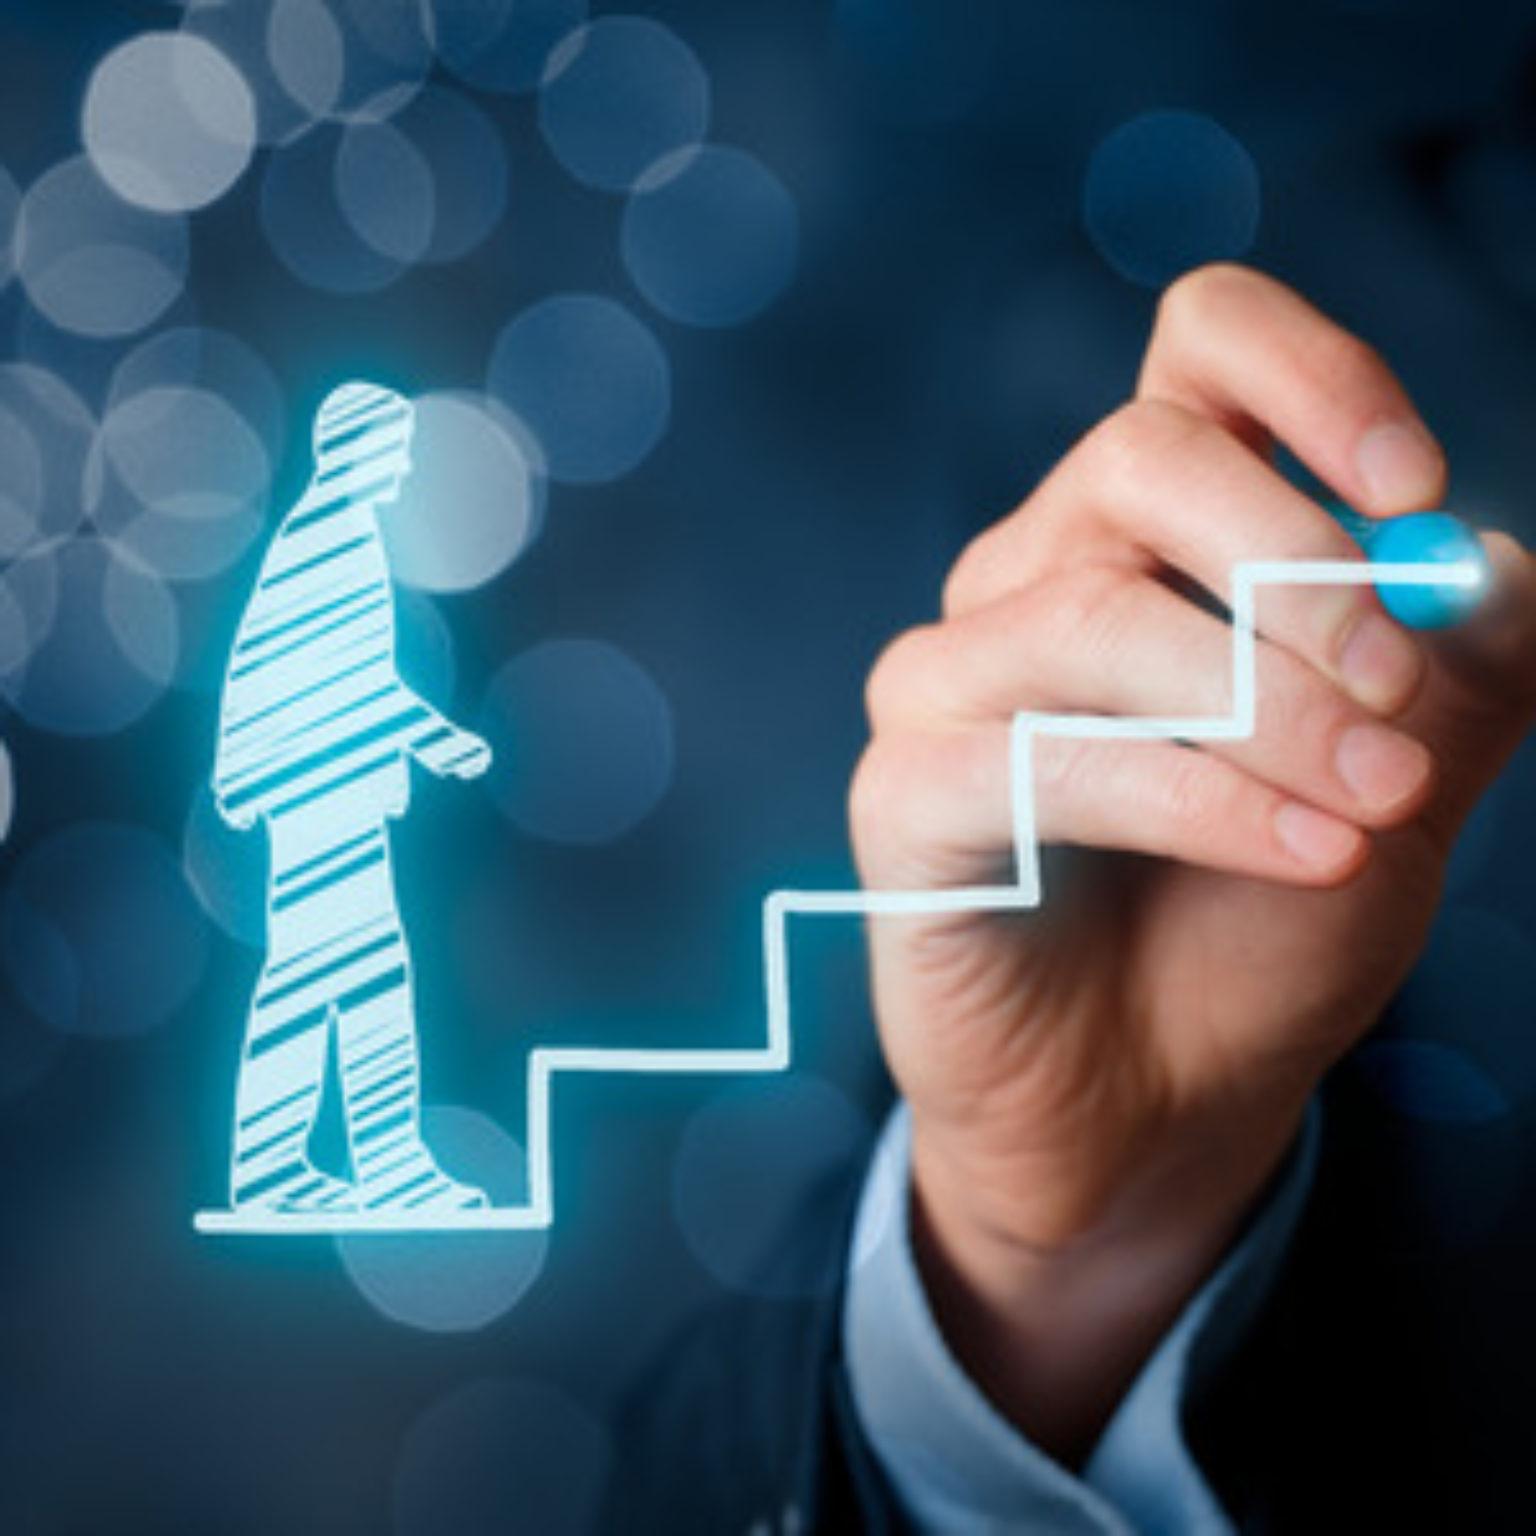 50997473-el-desarrollo-personal-crecimiento-personal-y-de-la-carrera-el-éxito-el-progreso-y-conceptos-potencial